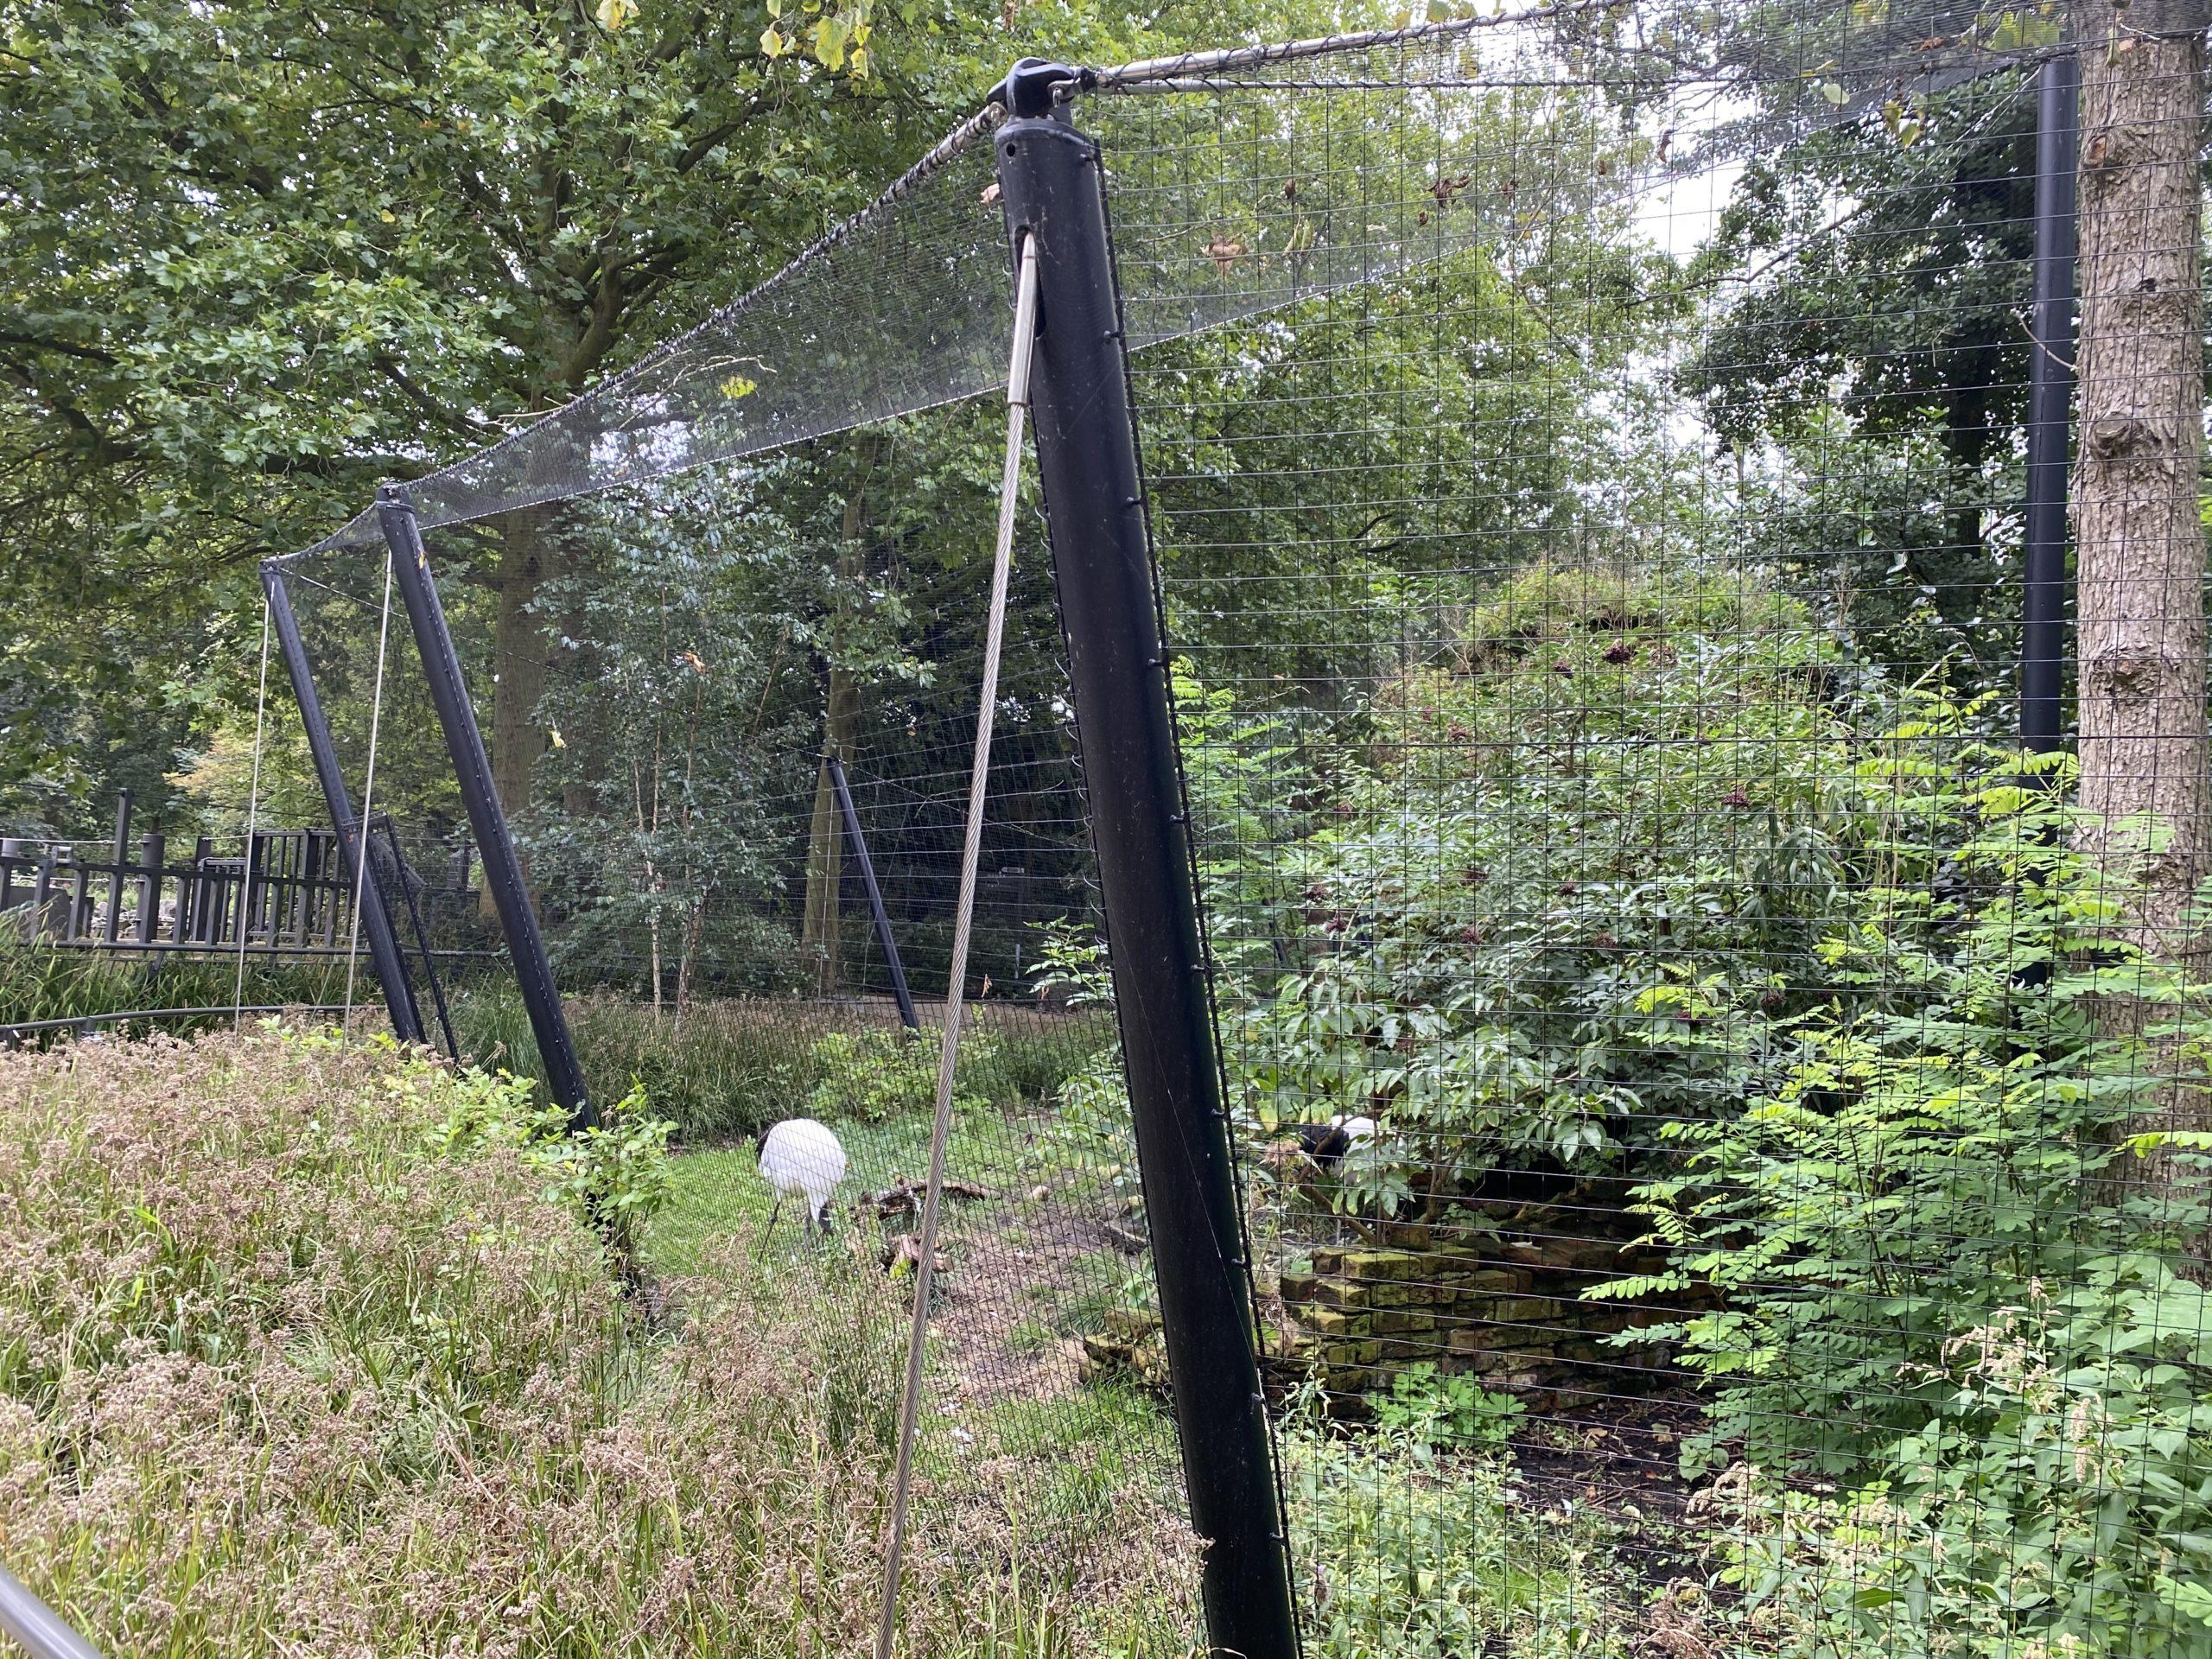 RVS kabels Artis Kraanvogelverblijf - Carl Stahl